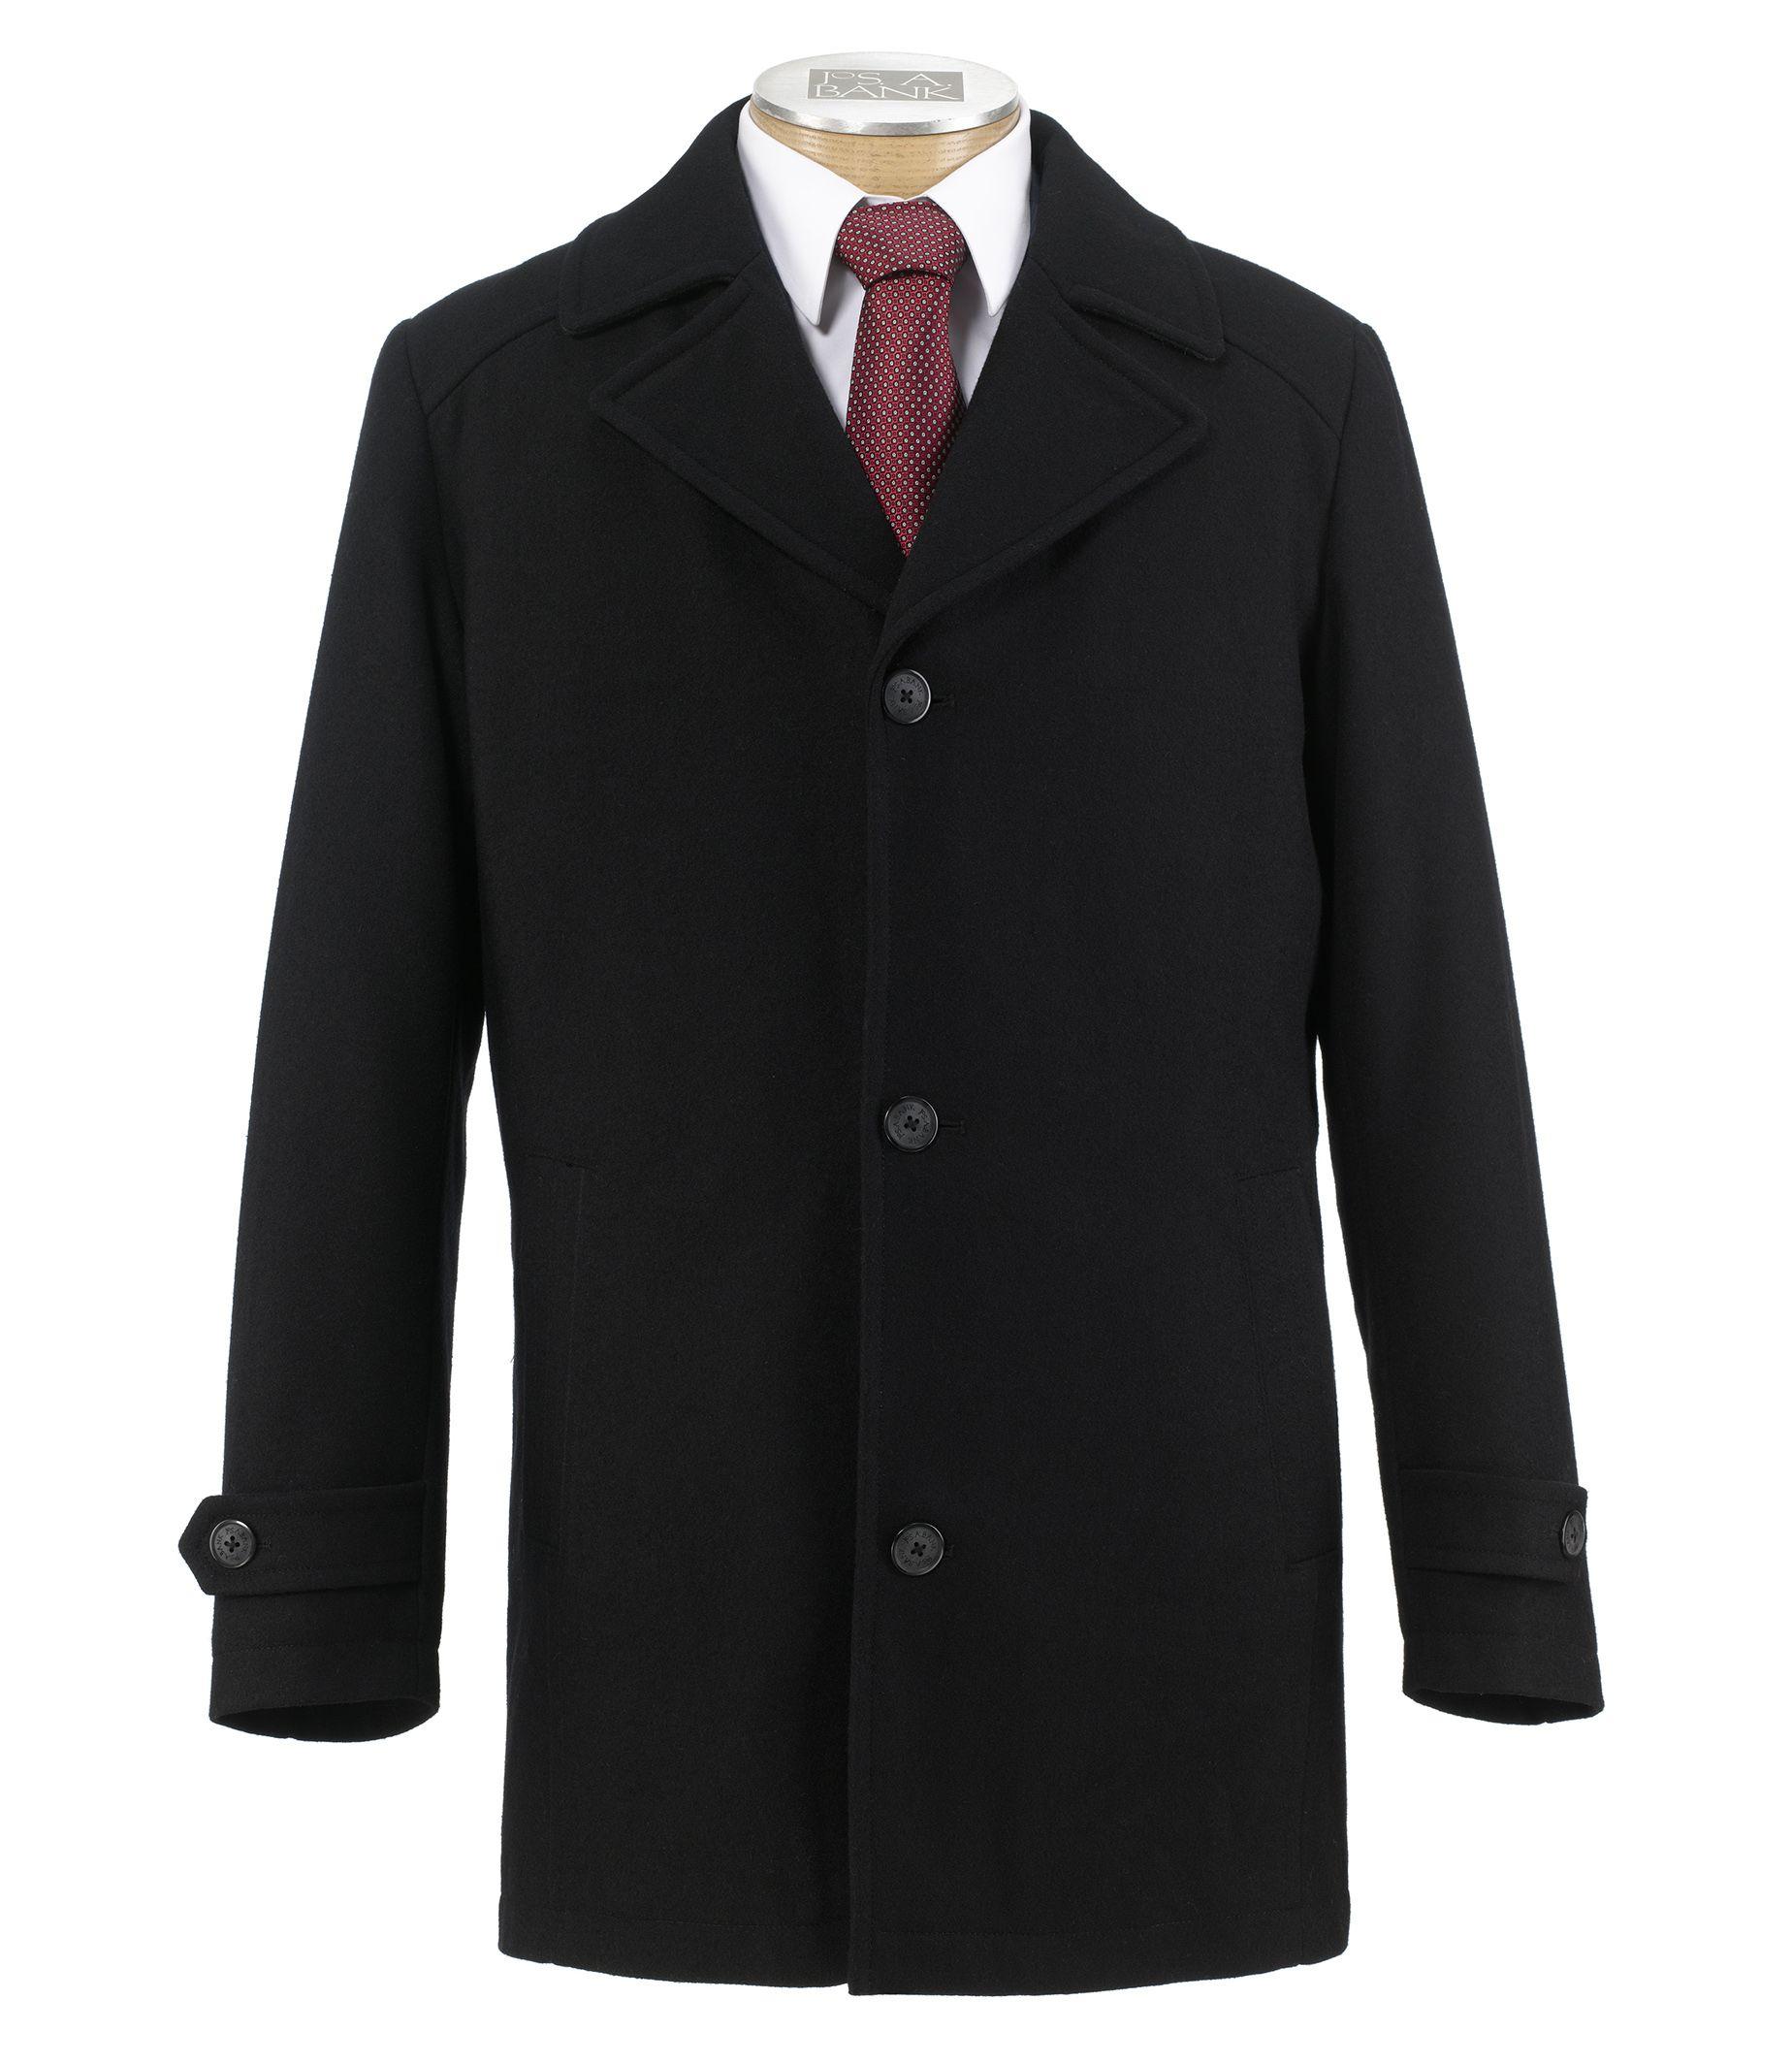 Men's Wool Coats & Duffle Coats | Men's Outerwear | JoS. A. Bank